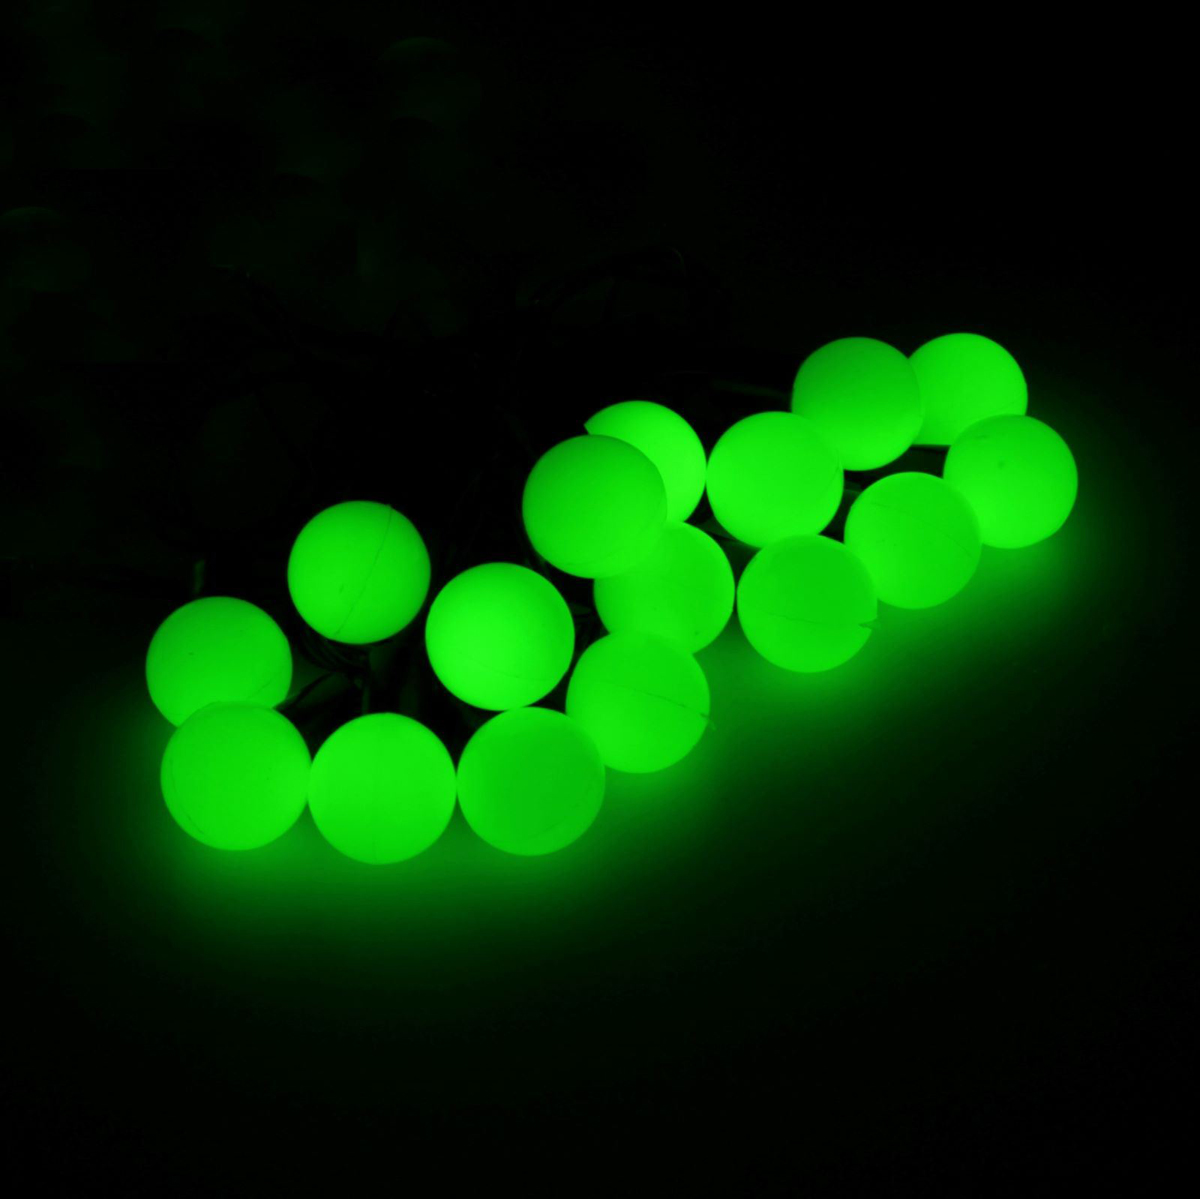 Гирлянда светодиодная Luazon Метраж. Шарики большие, уличная с насадкой, 8 режимов, 100 ламп, 220 V, 10 м, цвет: зеленый. 185541185541Светодиодные гирлянды, ленты и т.д. — это отличный вариант для новогоднего оформления интерьера или фасада. С их помощью помещение любого размера можно превратить в праздничный зал, а внешние элементы зданий, украшенные ими, мгновенно станут напоминать очертания сказочного дворца. Такие украшения создают ауру предвкушения чуда. Деревья, фасады, витрины, окна и арки будто специально созданы, чтобы вы украсили их светящимися нитями.